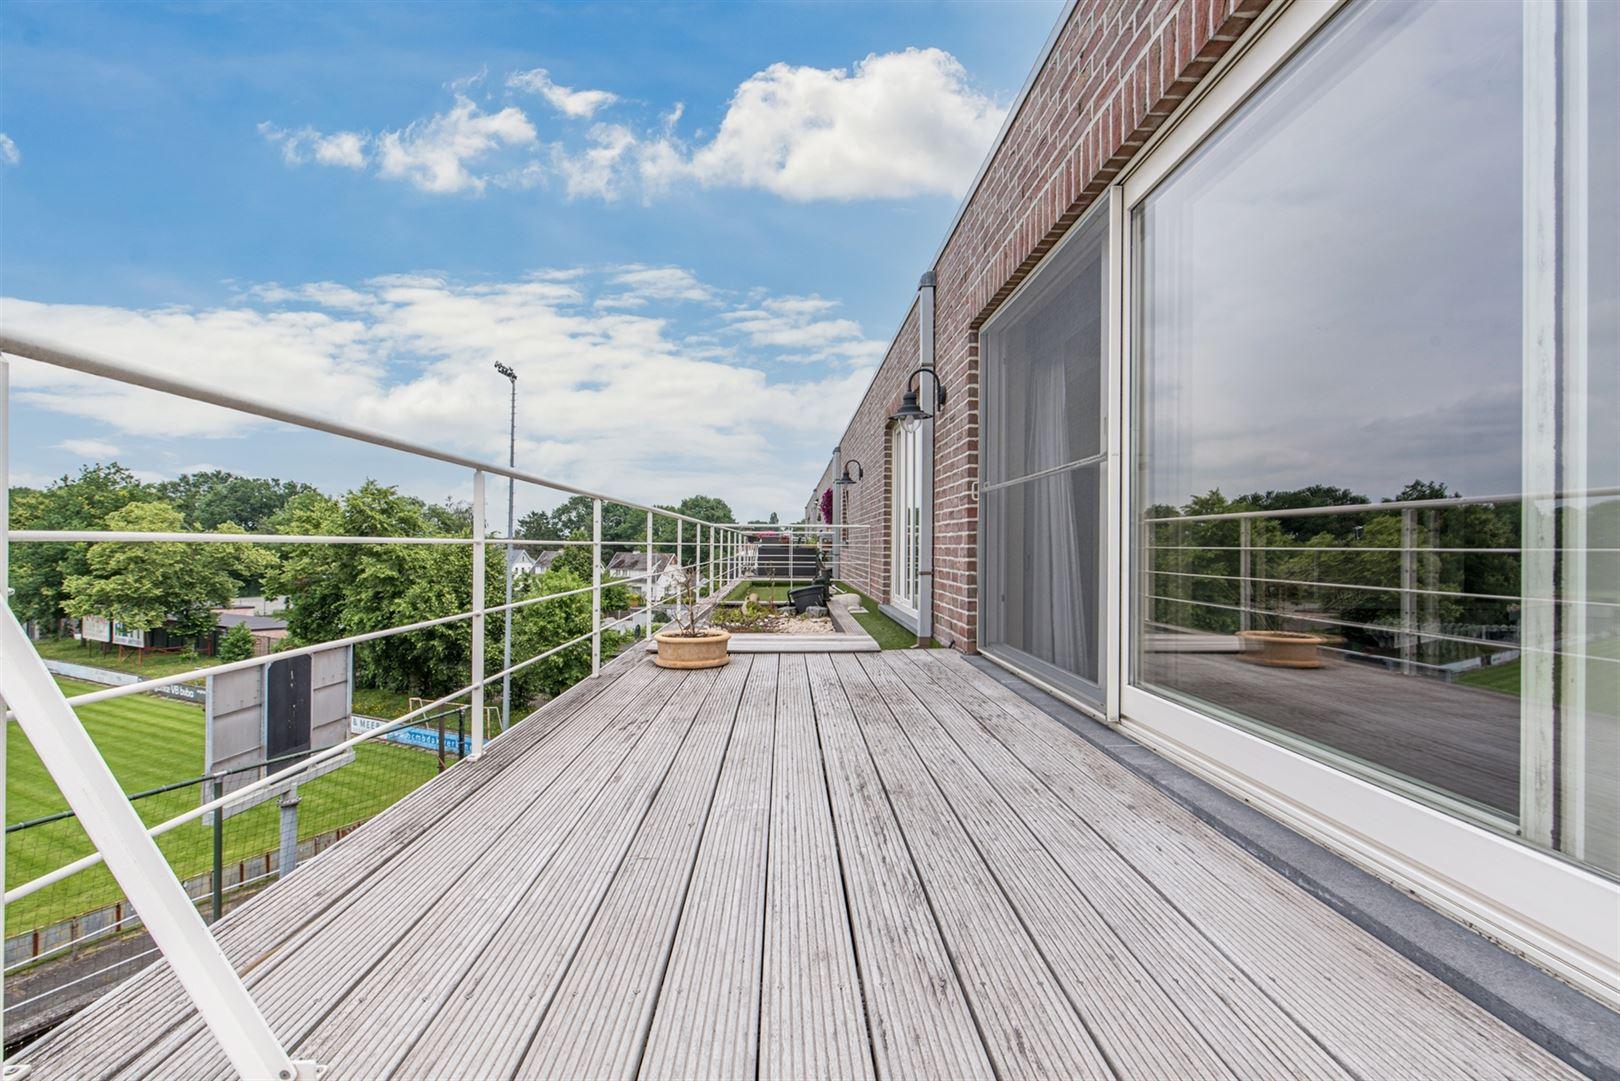 Foto 6 : Appartement te 9240 ZELE (België) - Prijs € 295.000